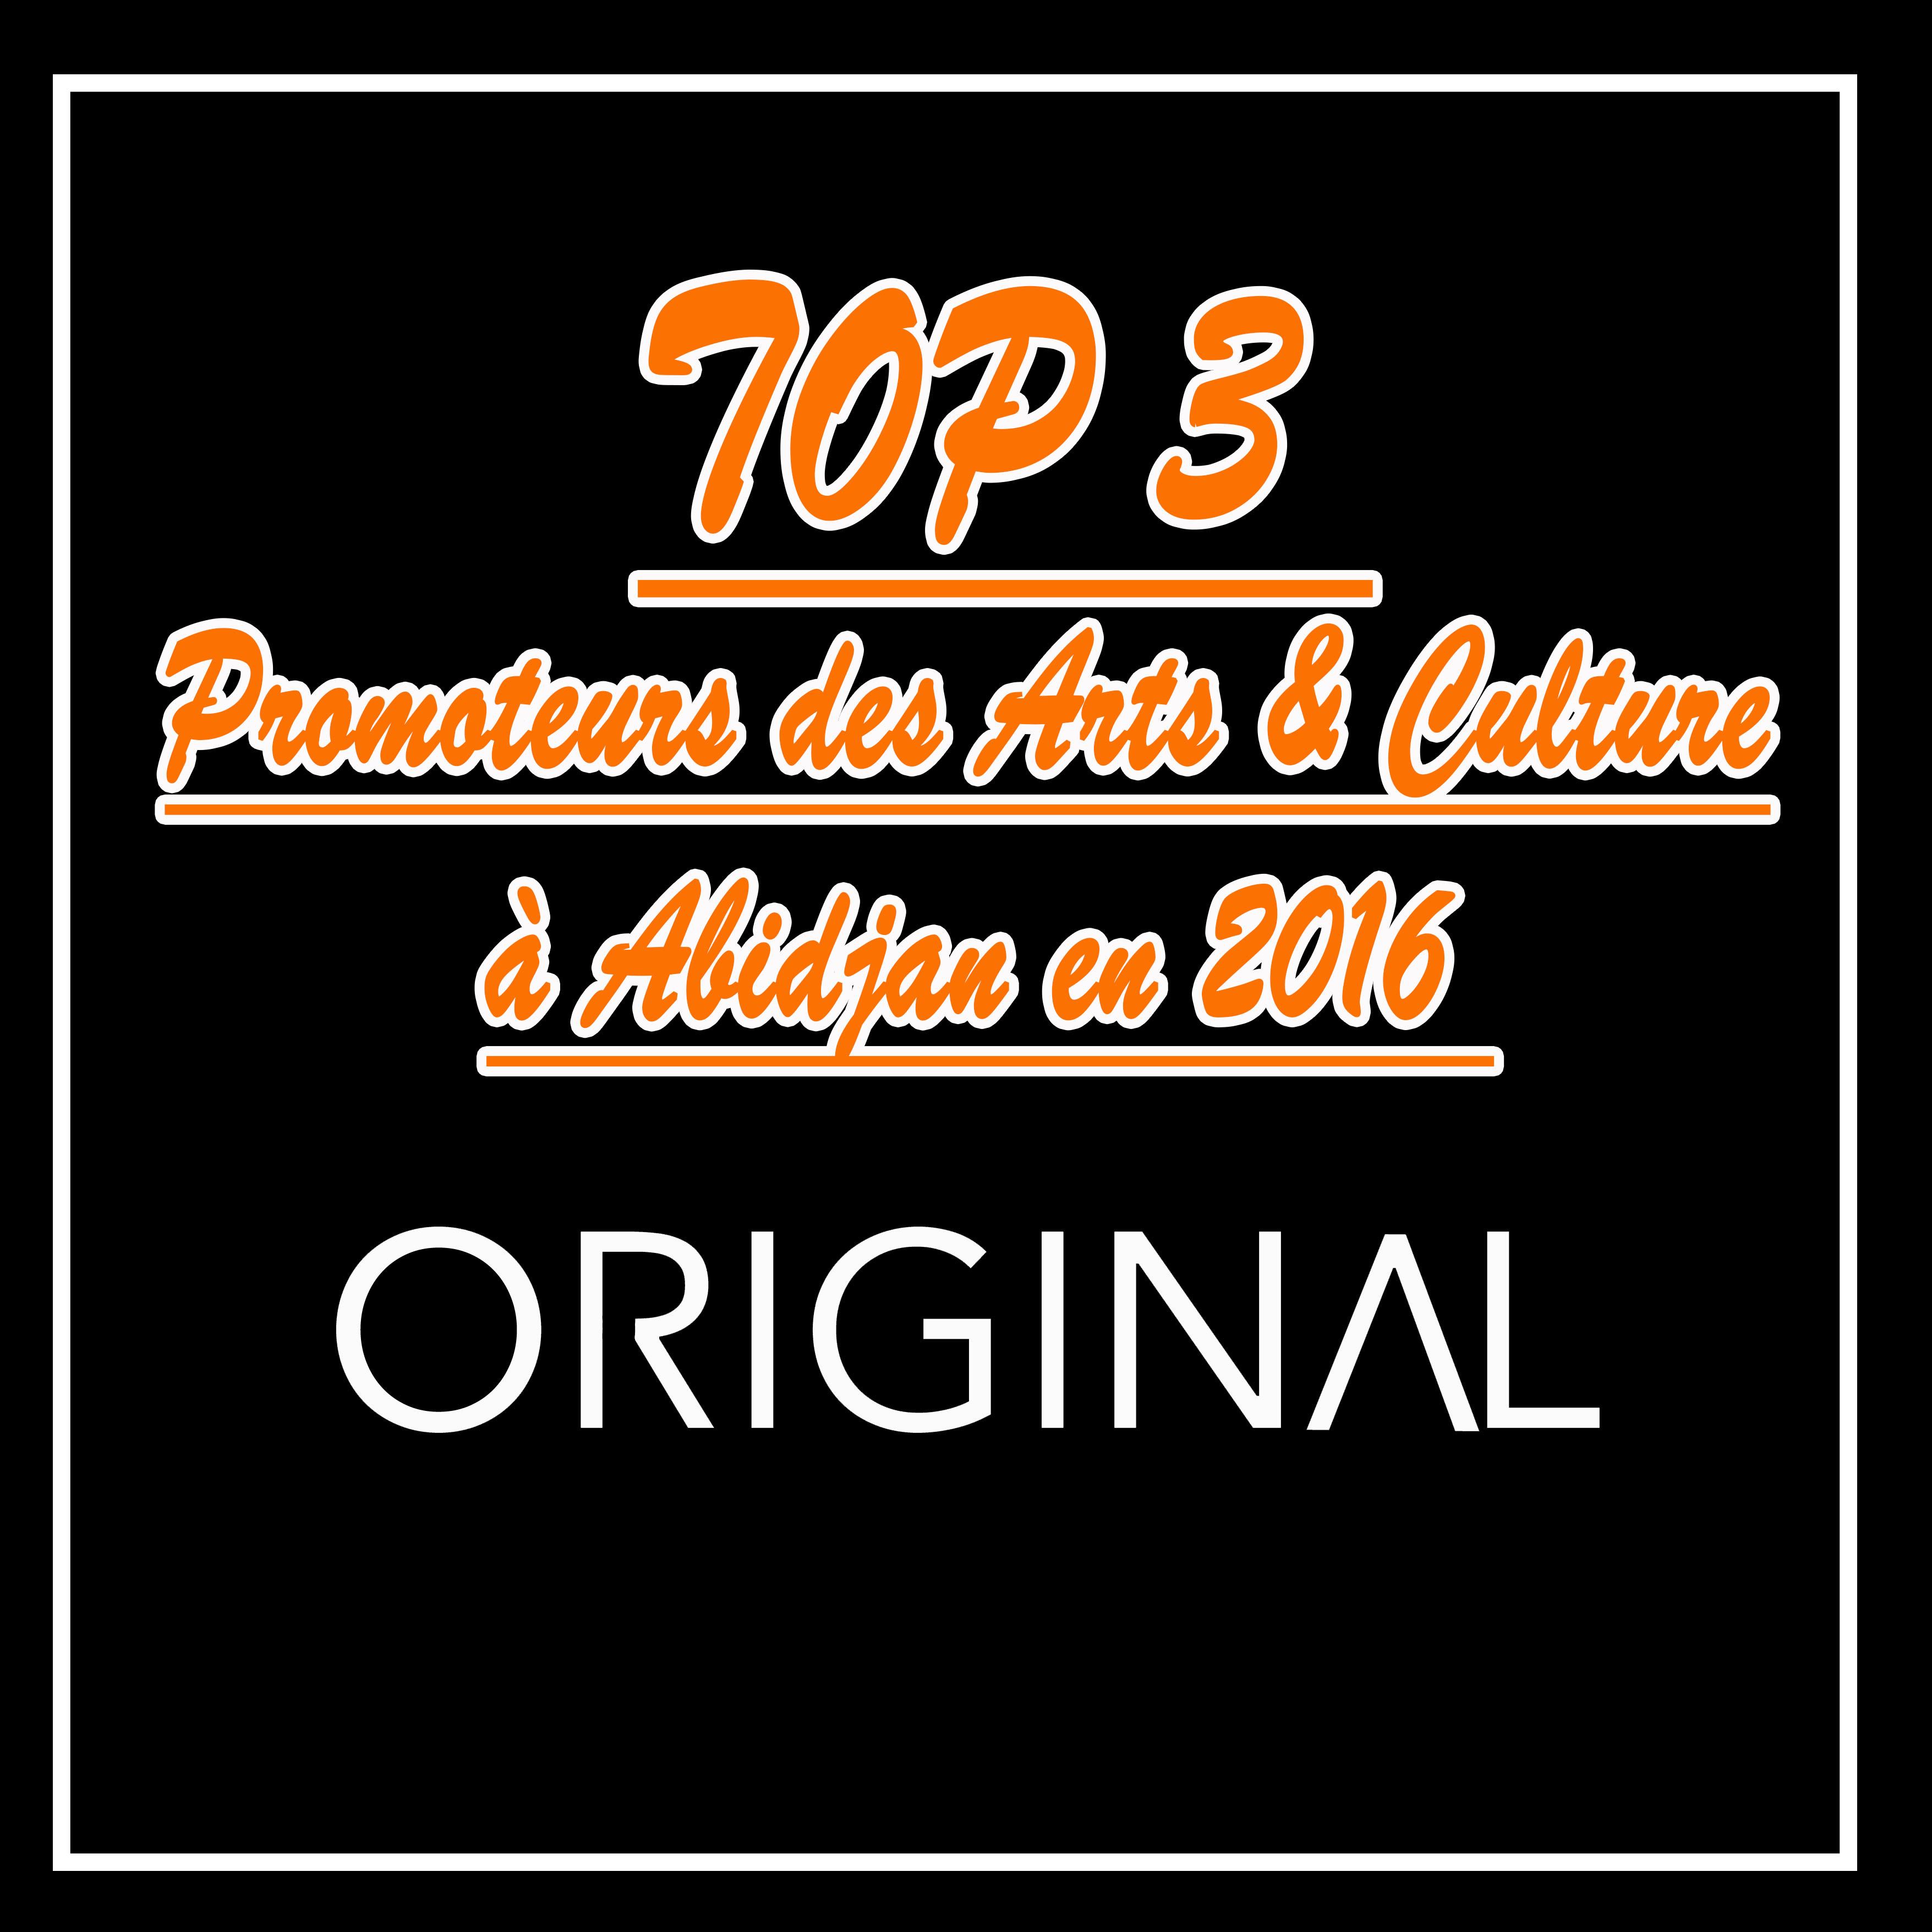 TOP 3 de promoteurs d'art et de culture en Côte d'Ivoire selon ORIGINVL pour l'année 2016